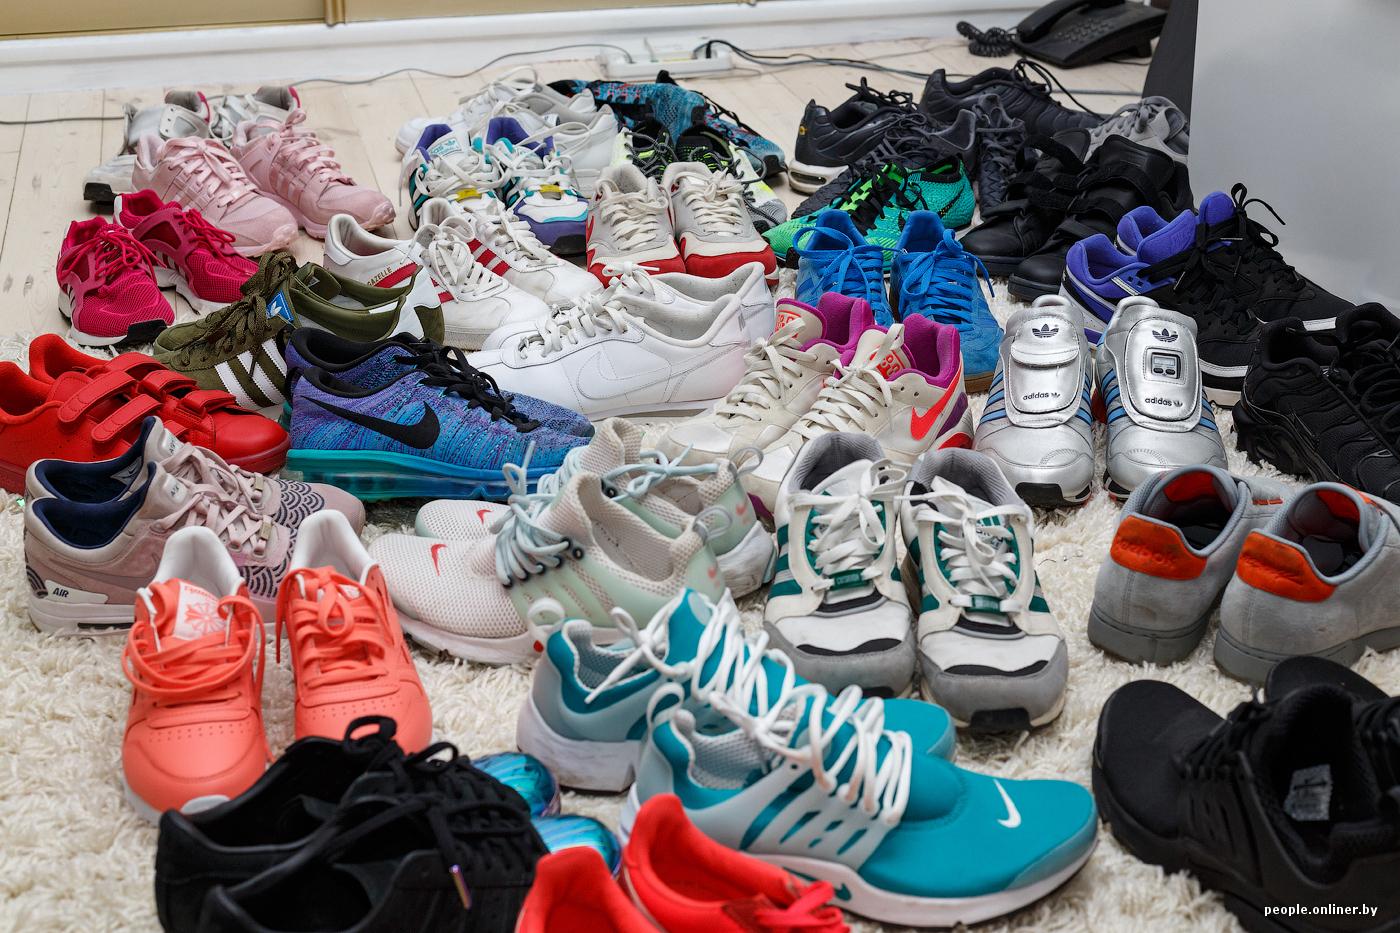 0357e9ae На данный момент у меня 58 пар кроссовок, не считая тренировочной обуви.  Коллекция постоянно видоизменяется. Что-то я занашиваю, что-то продаю.